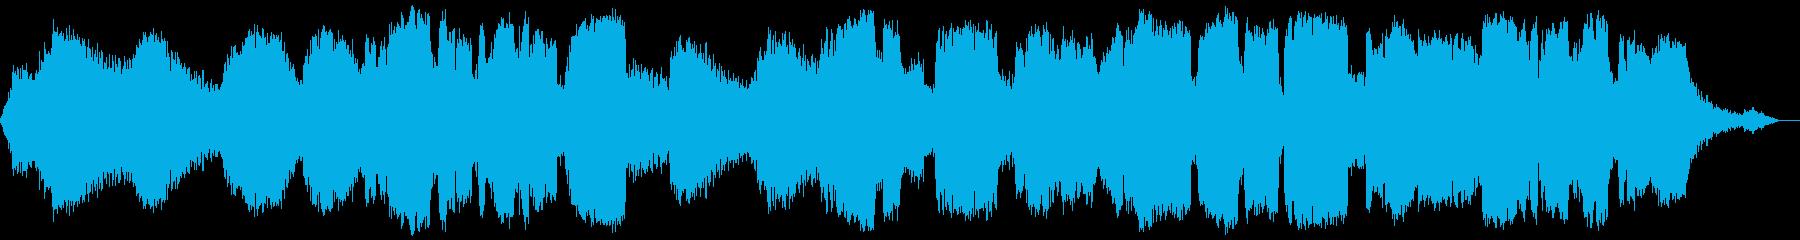 シンセサイザーと低い竹笛の音色の瞑想音楽の再生済みの波形